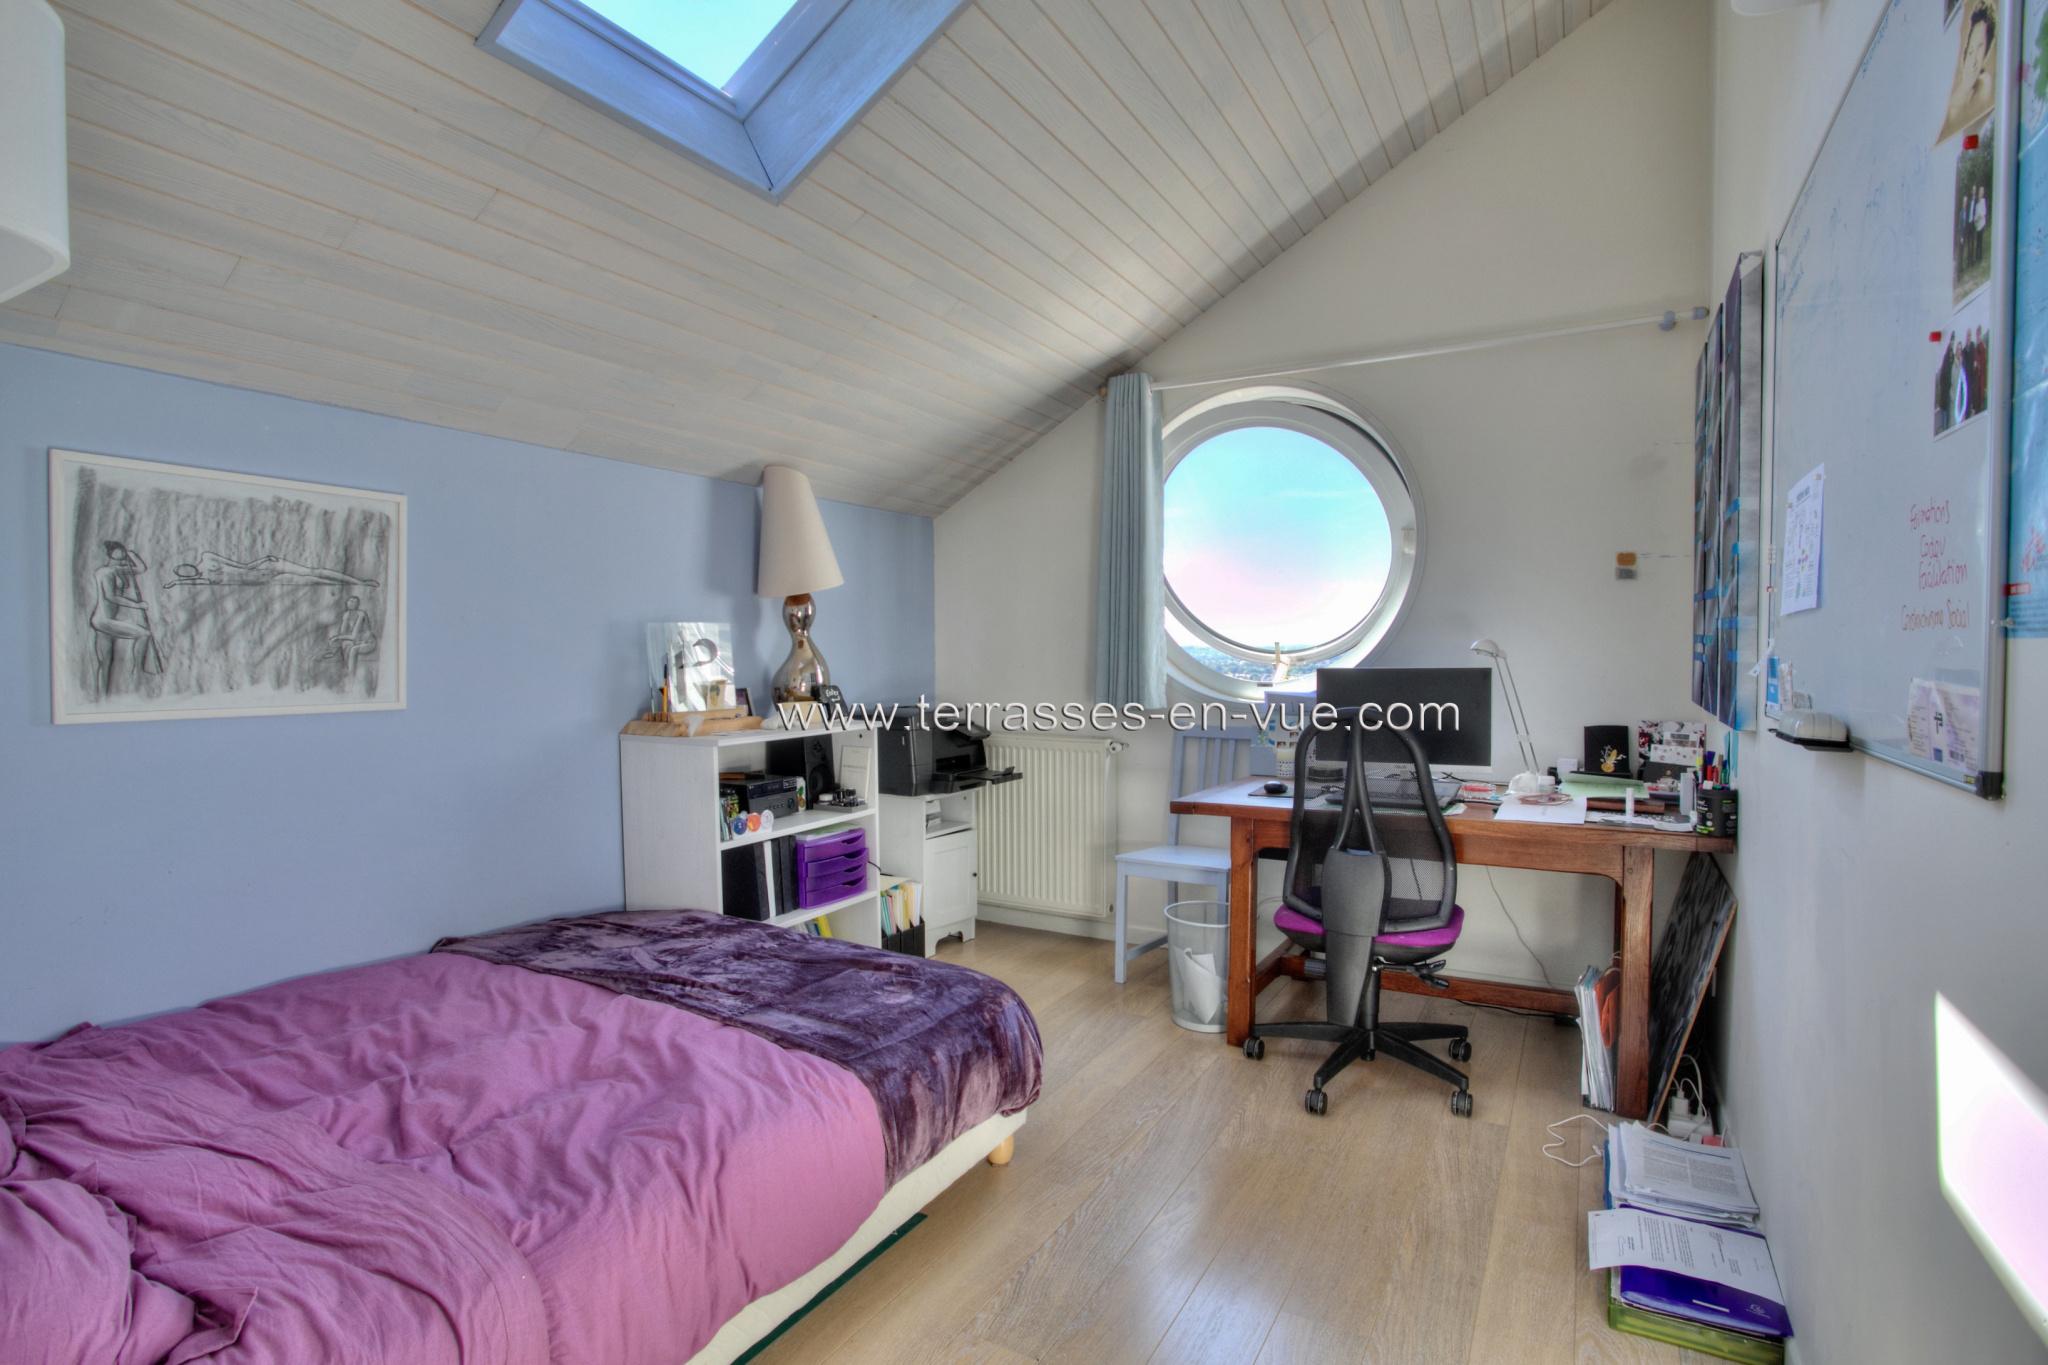 Maison À vendre - Suresnes / 92150